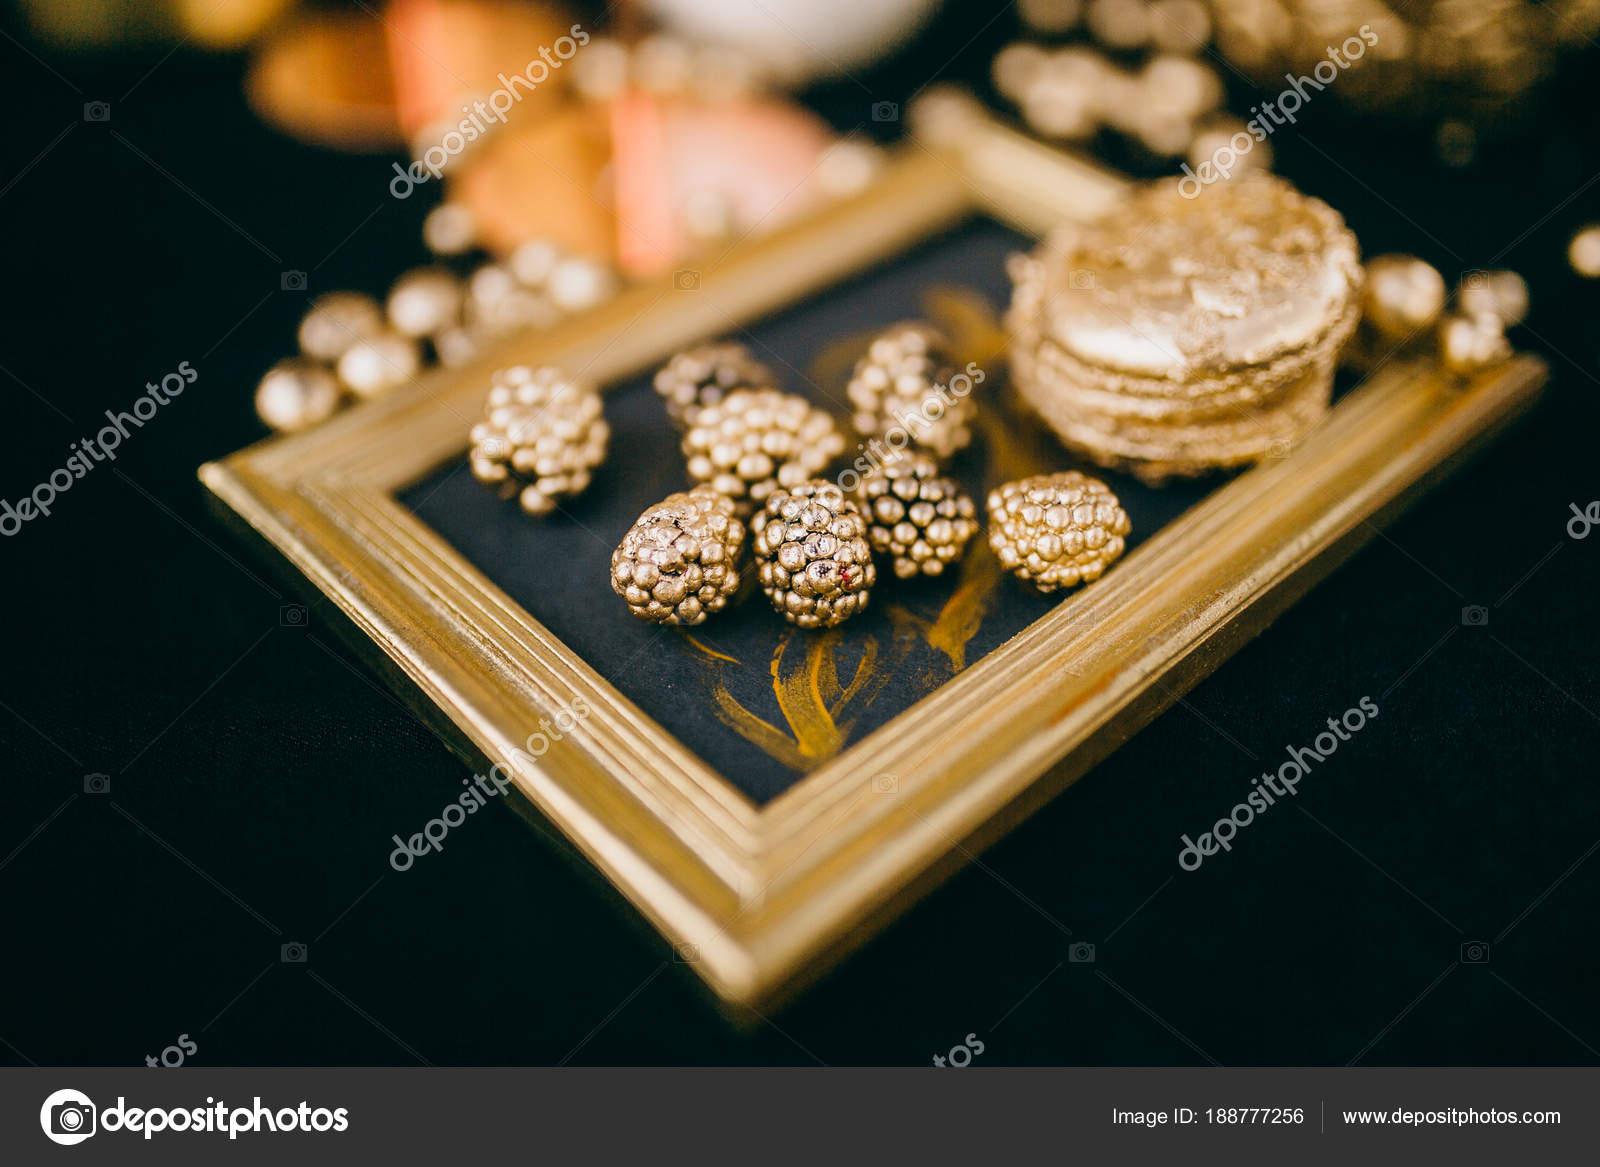 Decoration Jour Belles Noces Photographie Shunevich C 188777256